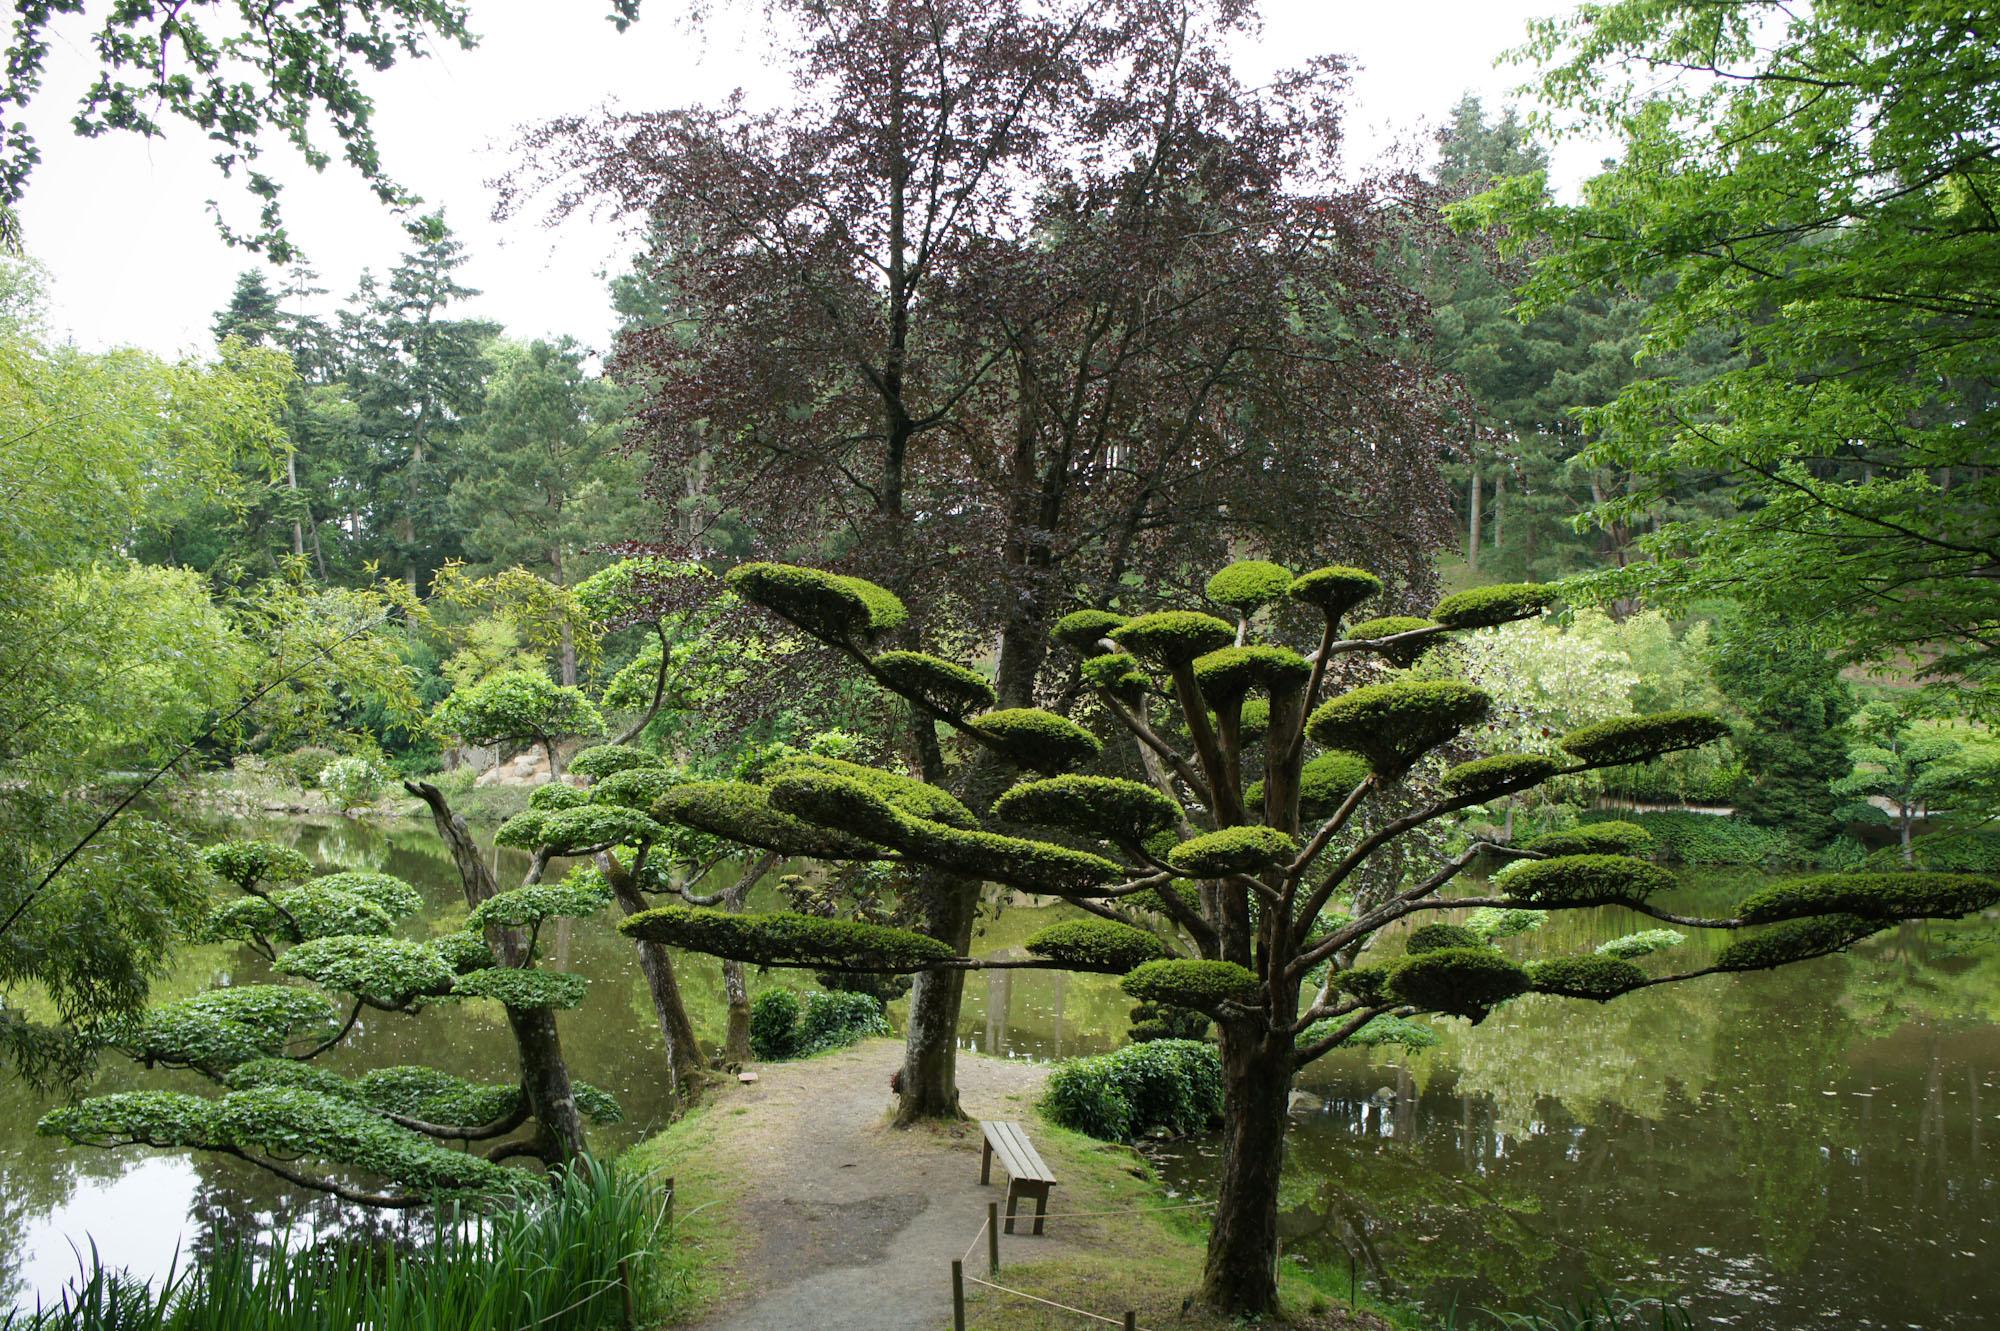 Jardin japonais de maul vrier for Le jardin japonais nantes